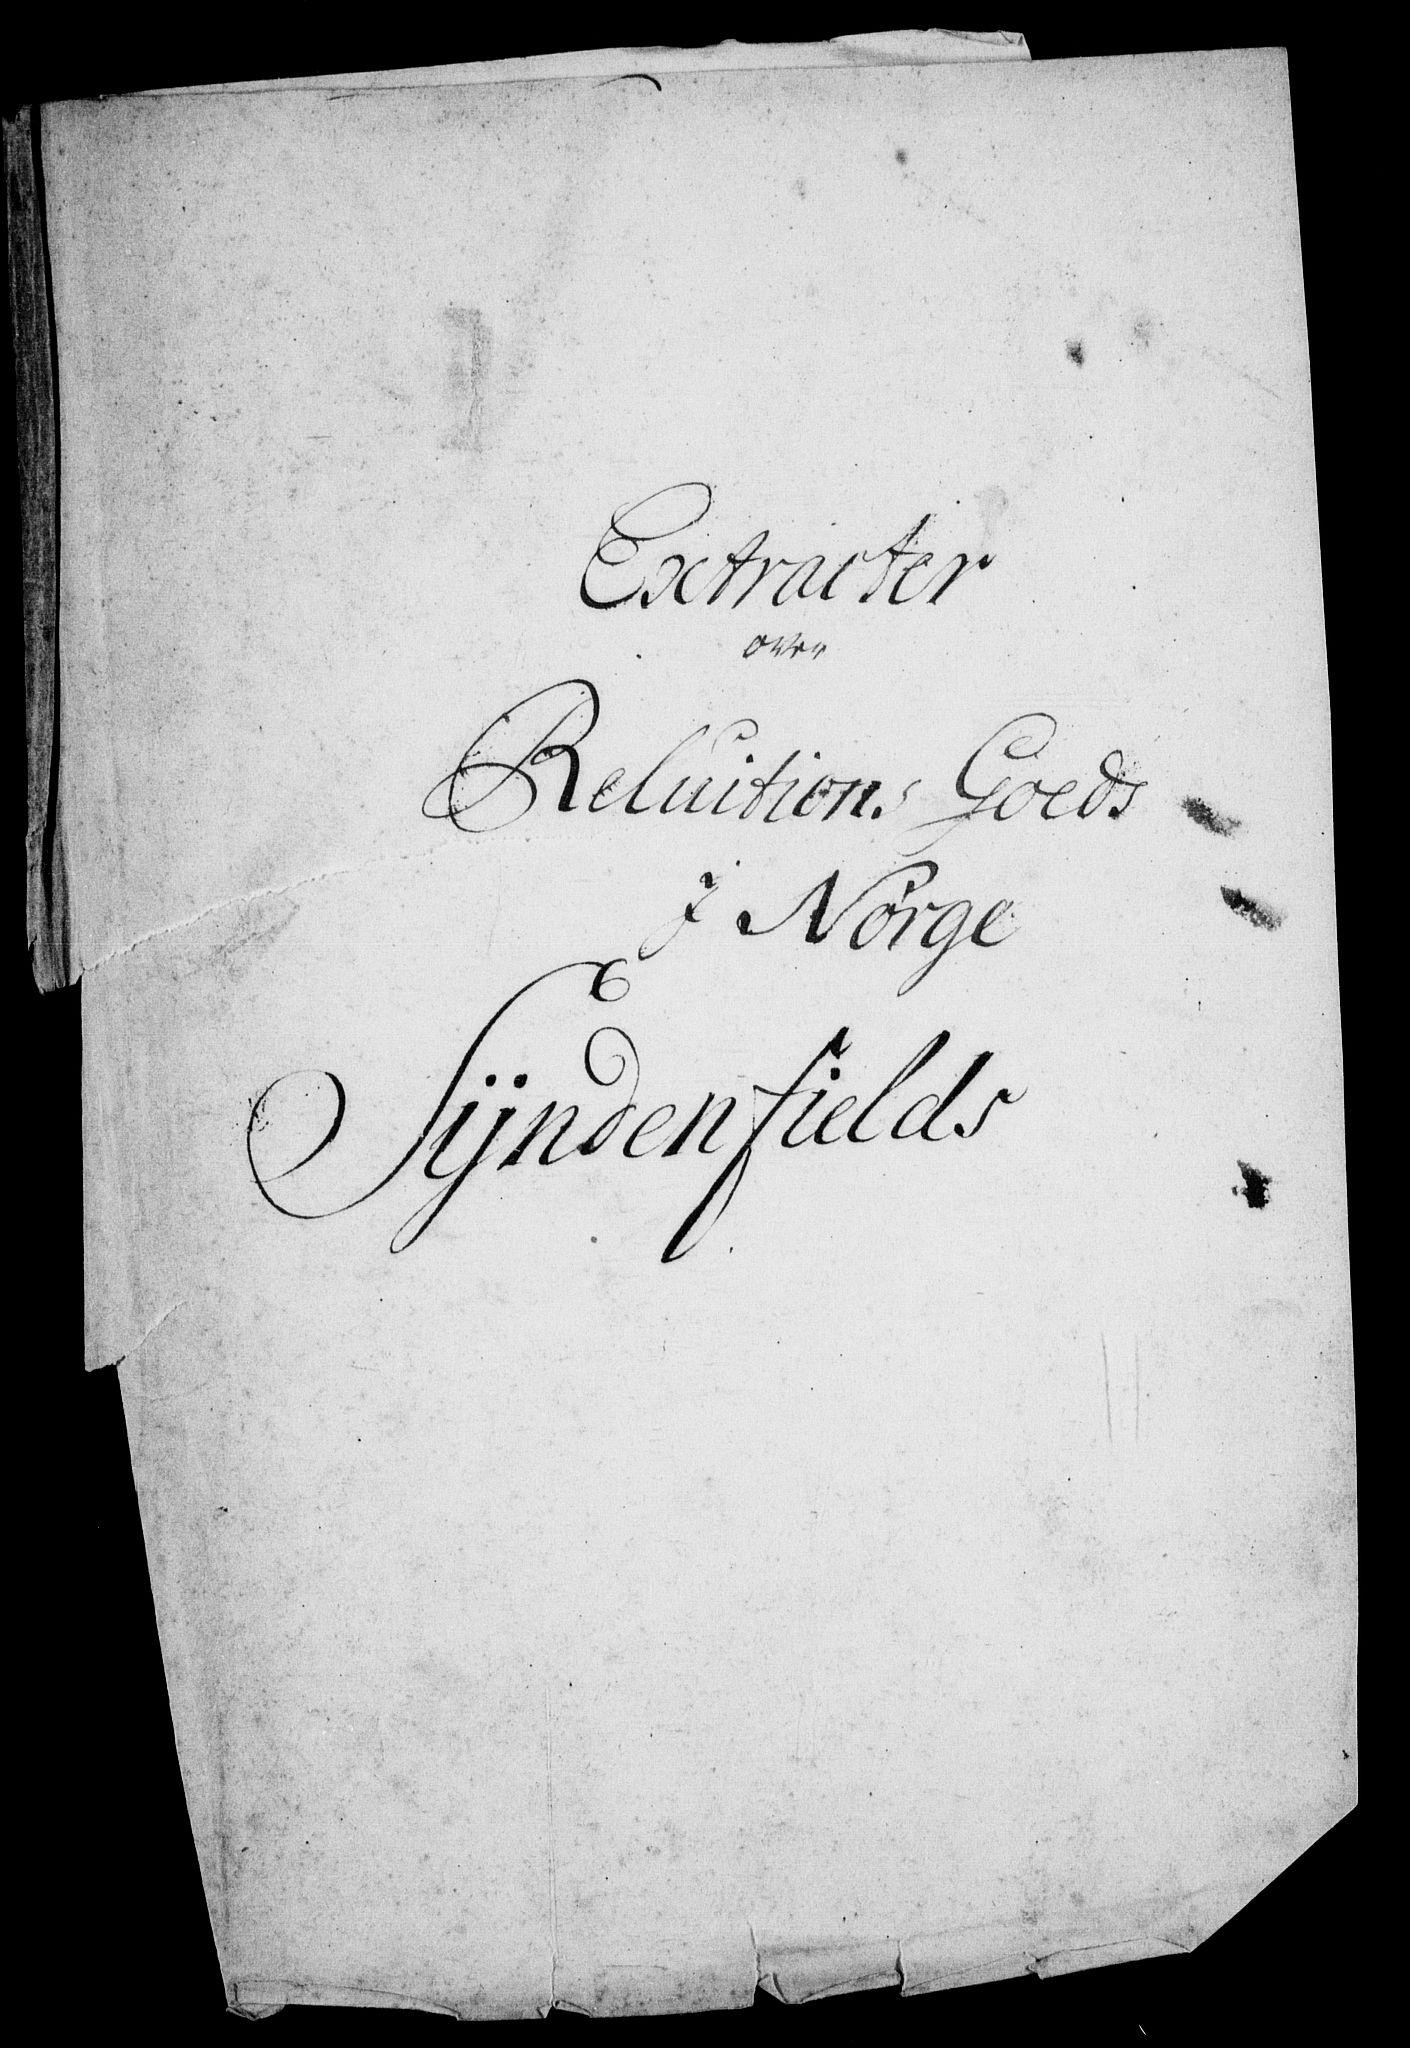 RA, Rentekammeret inntil 1814, Realistisk ordnet avdeling, On/L0011: [Jj 12]: Salg av pante- og reluisjonsgods i Norge, 1658-1729, s. 270